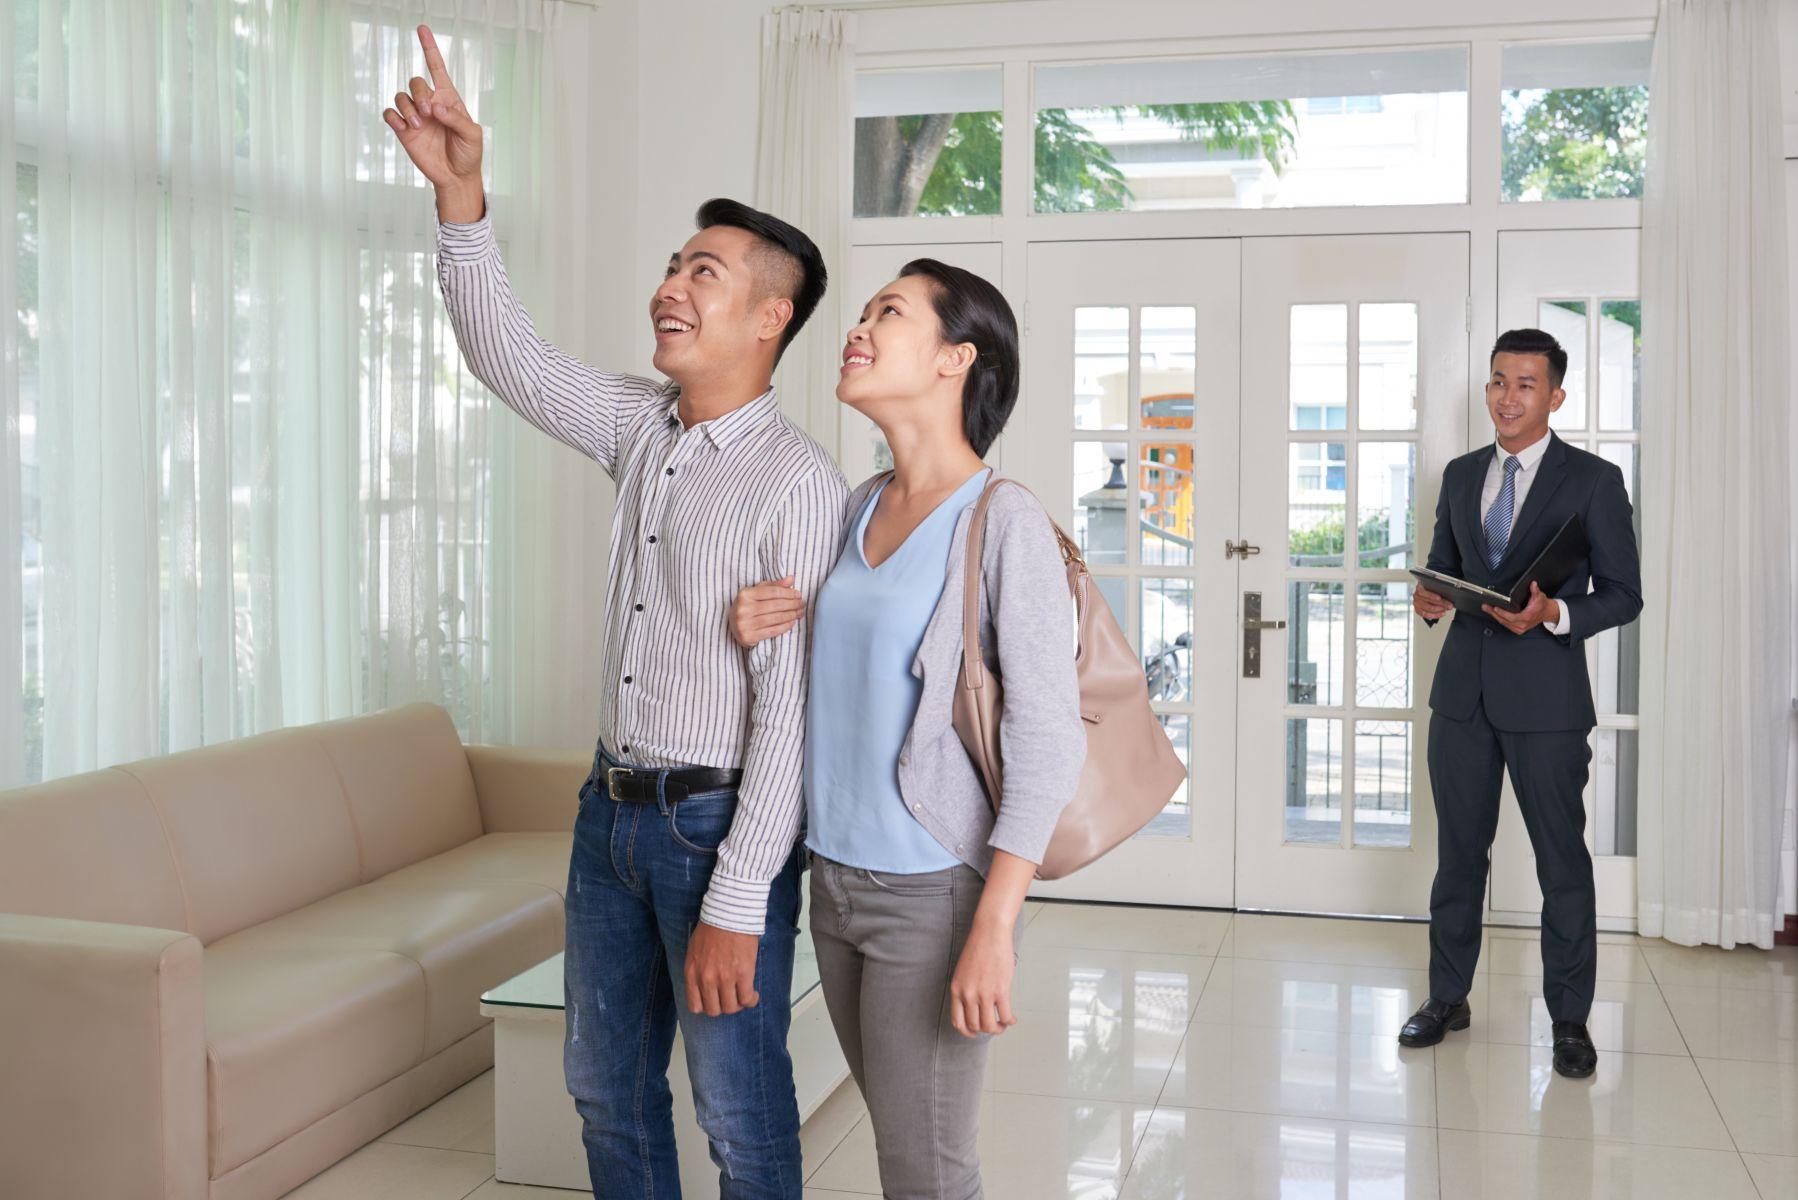 「有買家出價斡旋,看你要不要加價」…看房怕被房仲騙?專家破解房仲4大話術「不買最大」